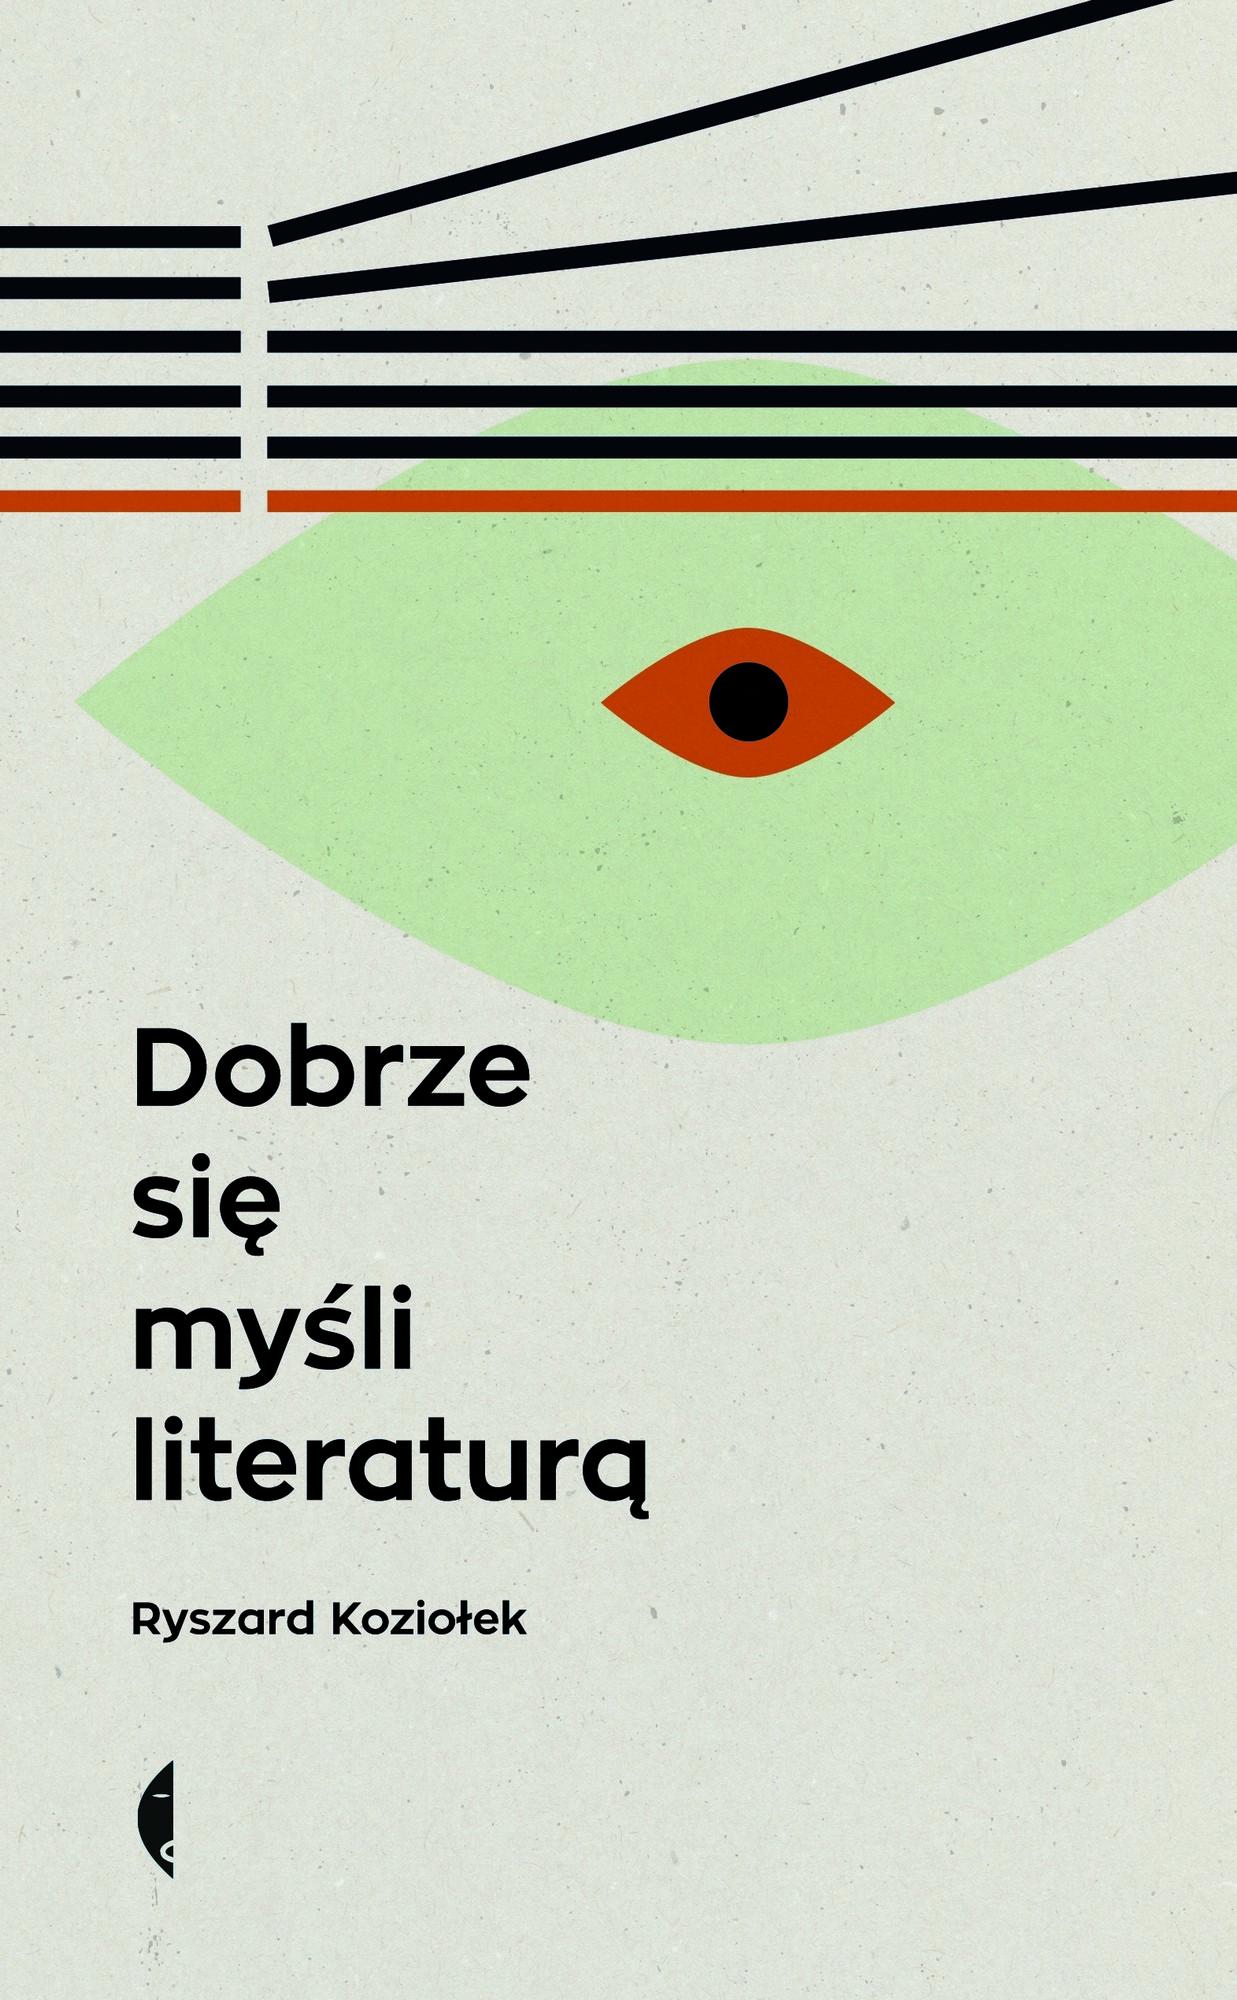 """Ryszard Koziołek, """"Dobrze się myśli literaturą"""" – okładka (źródło: materiały prasowe)"""